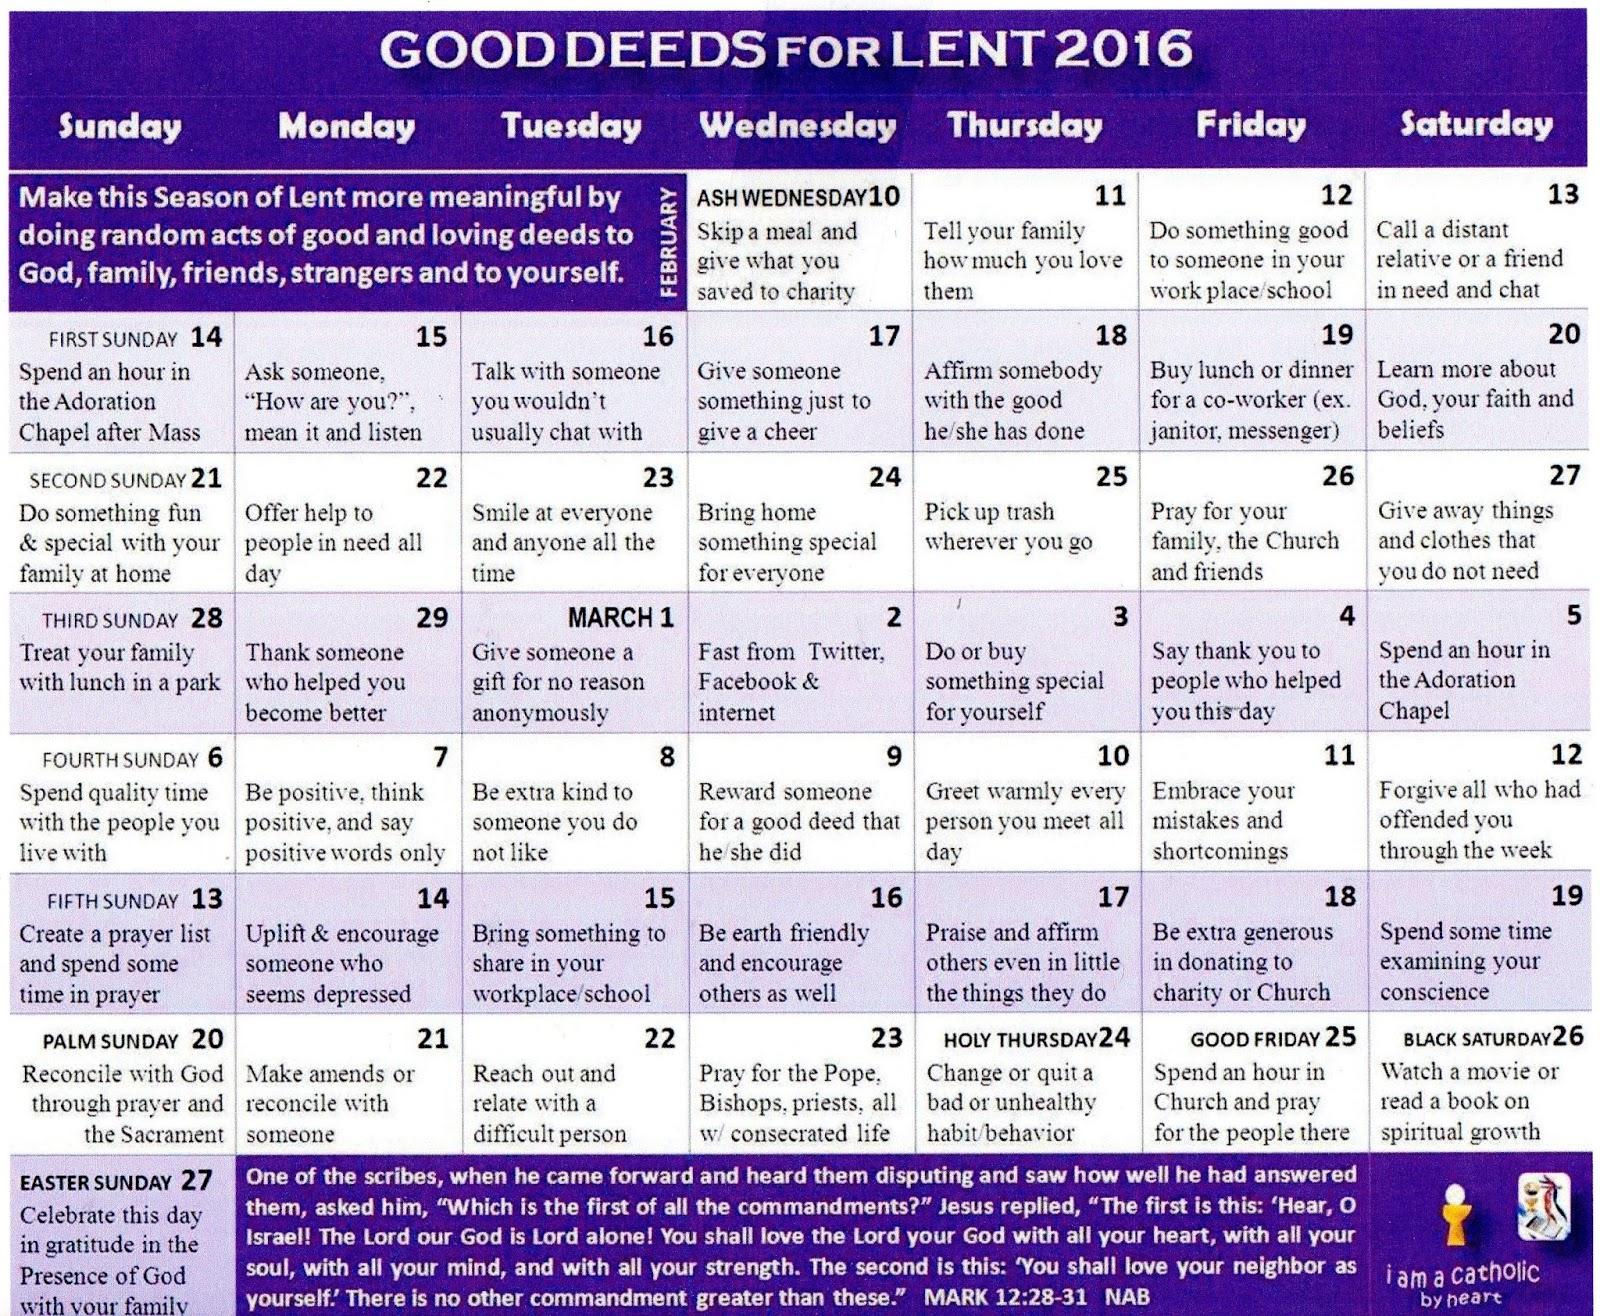 Lent A Season Of Love